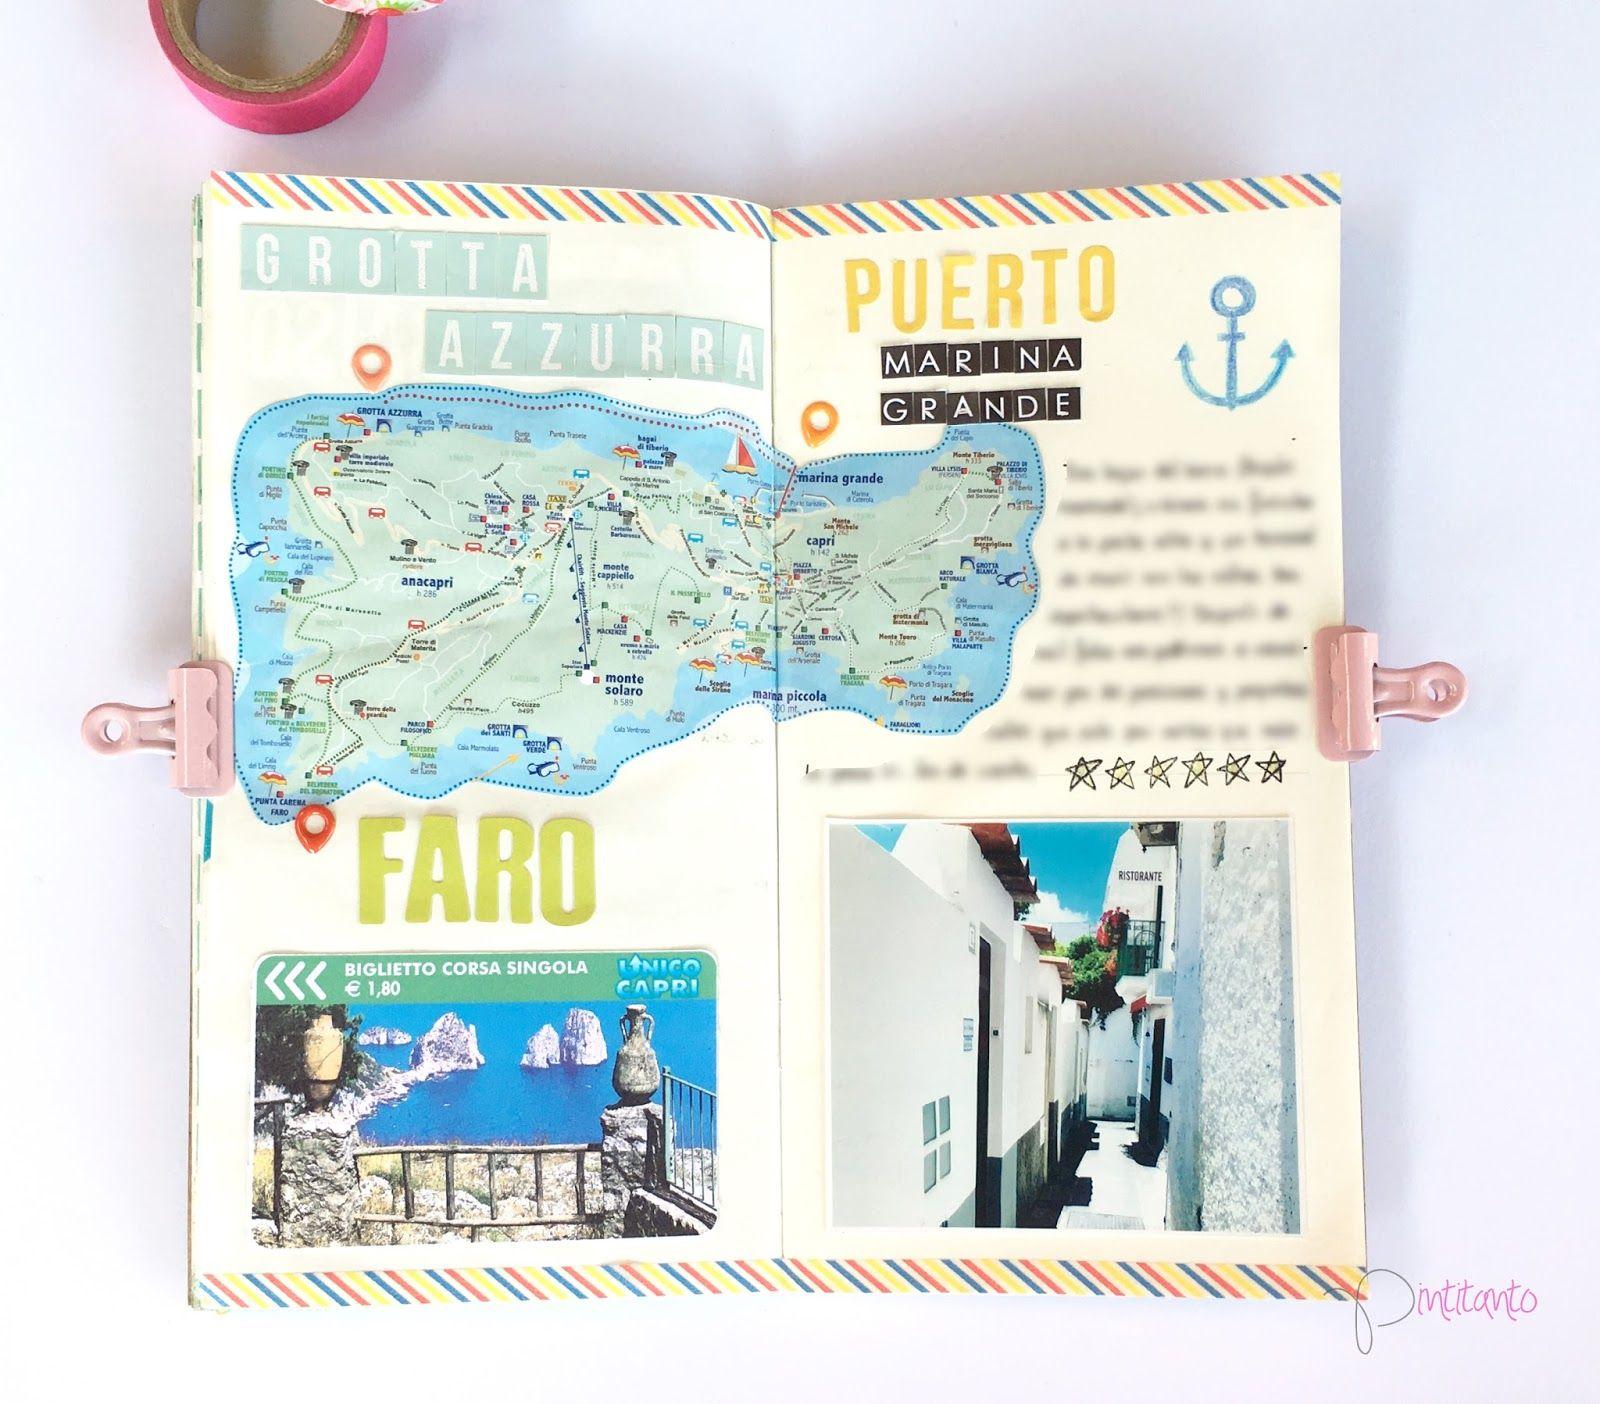 En la última página, de nuevo, he utilizado un mapa de la isla y he remarcado los puntos más importantes.